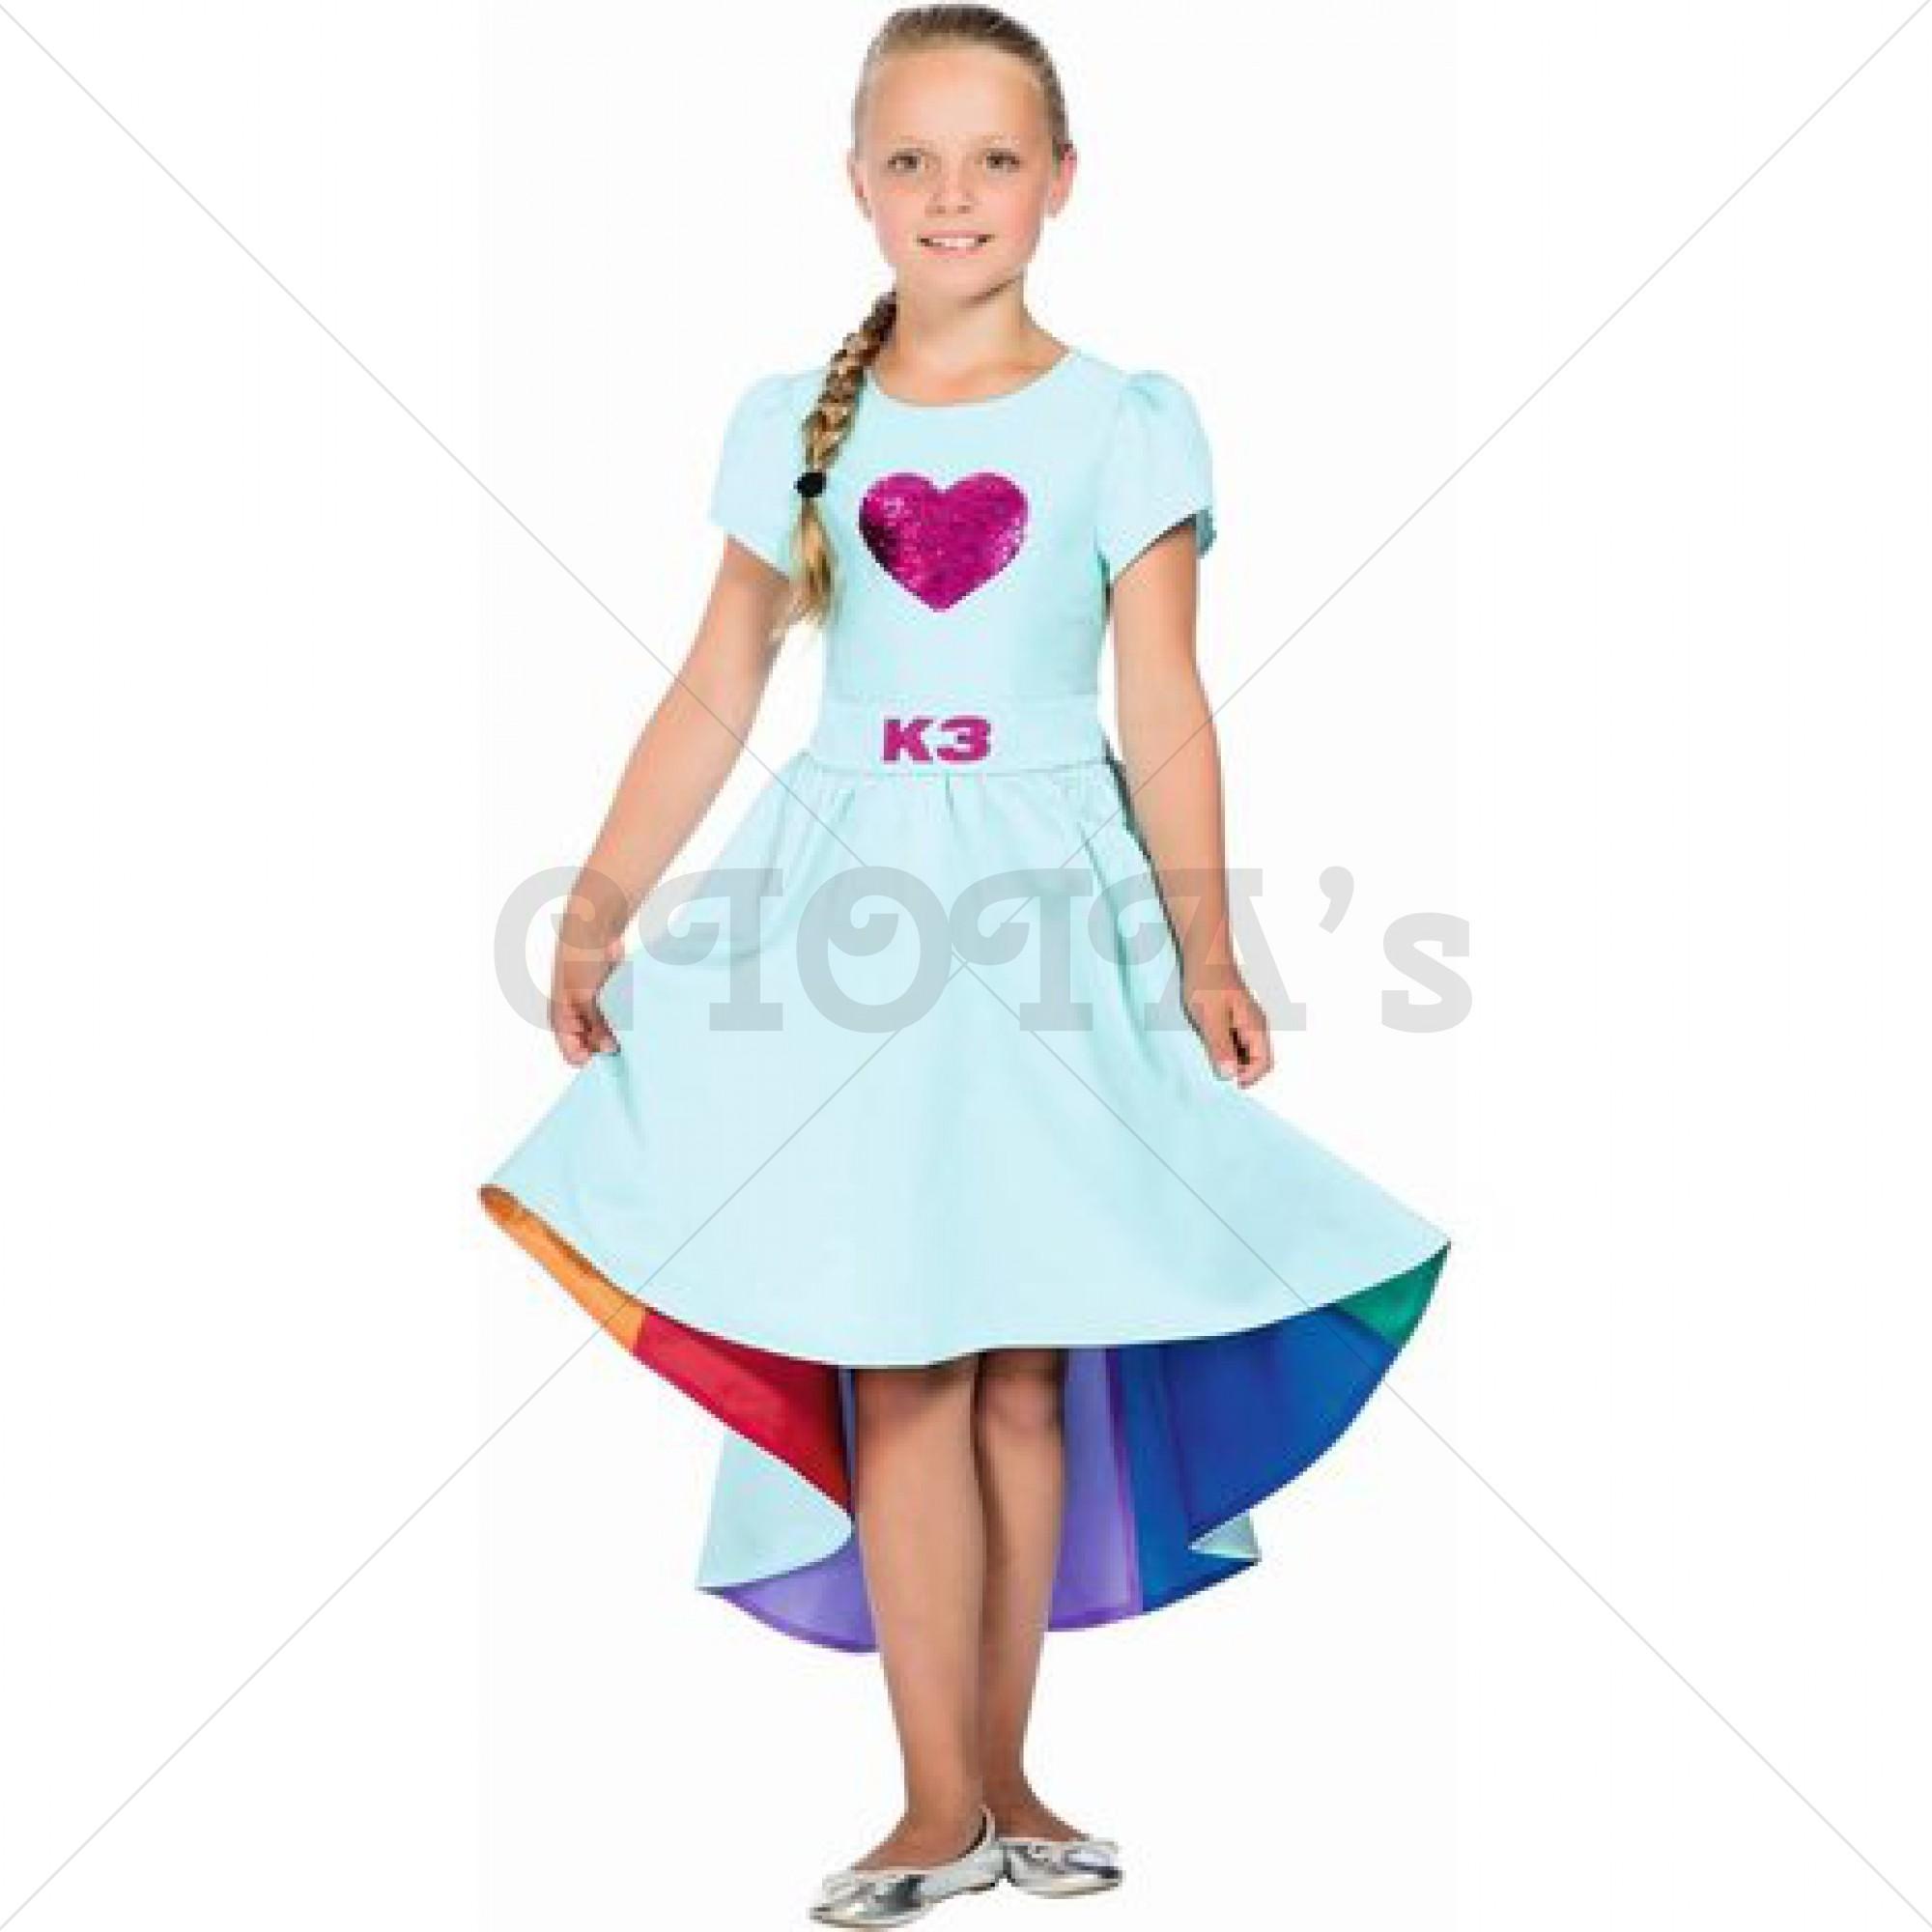 K3-verkleedjurk Verkleedjurk Nieuw Love Cruise maat 116 leeftijd 3-5jaar